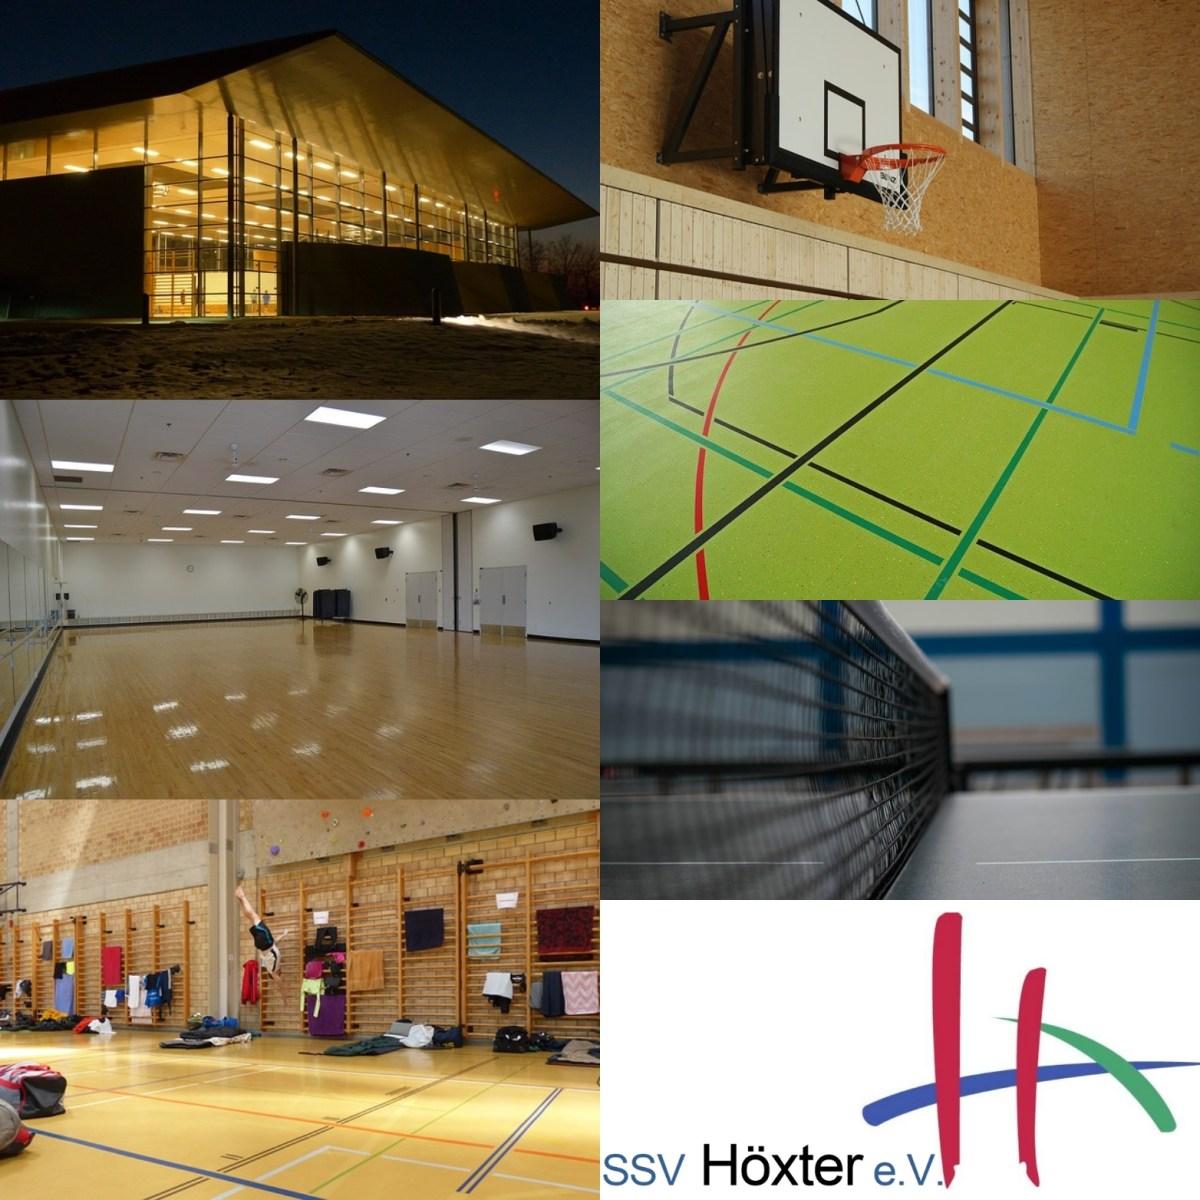 Neues Modul für die Sportstättenverwaltung